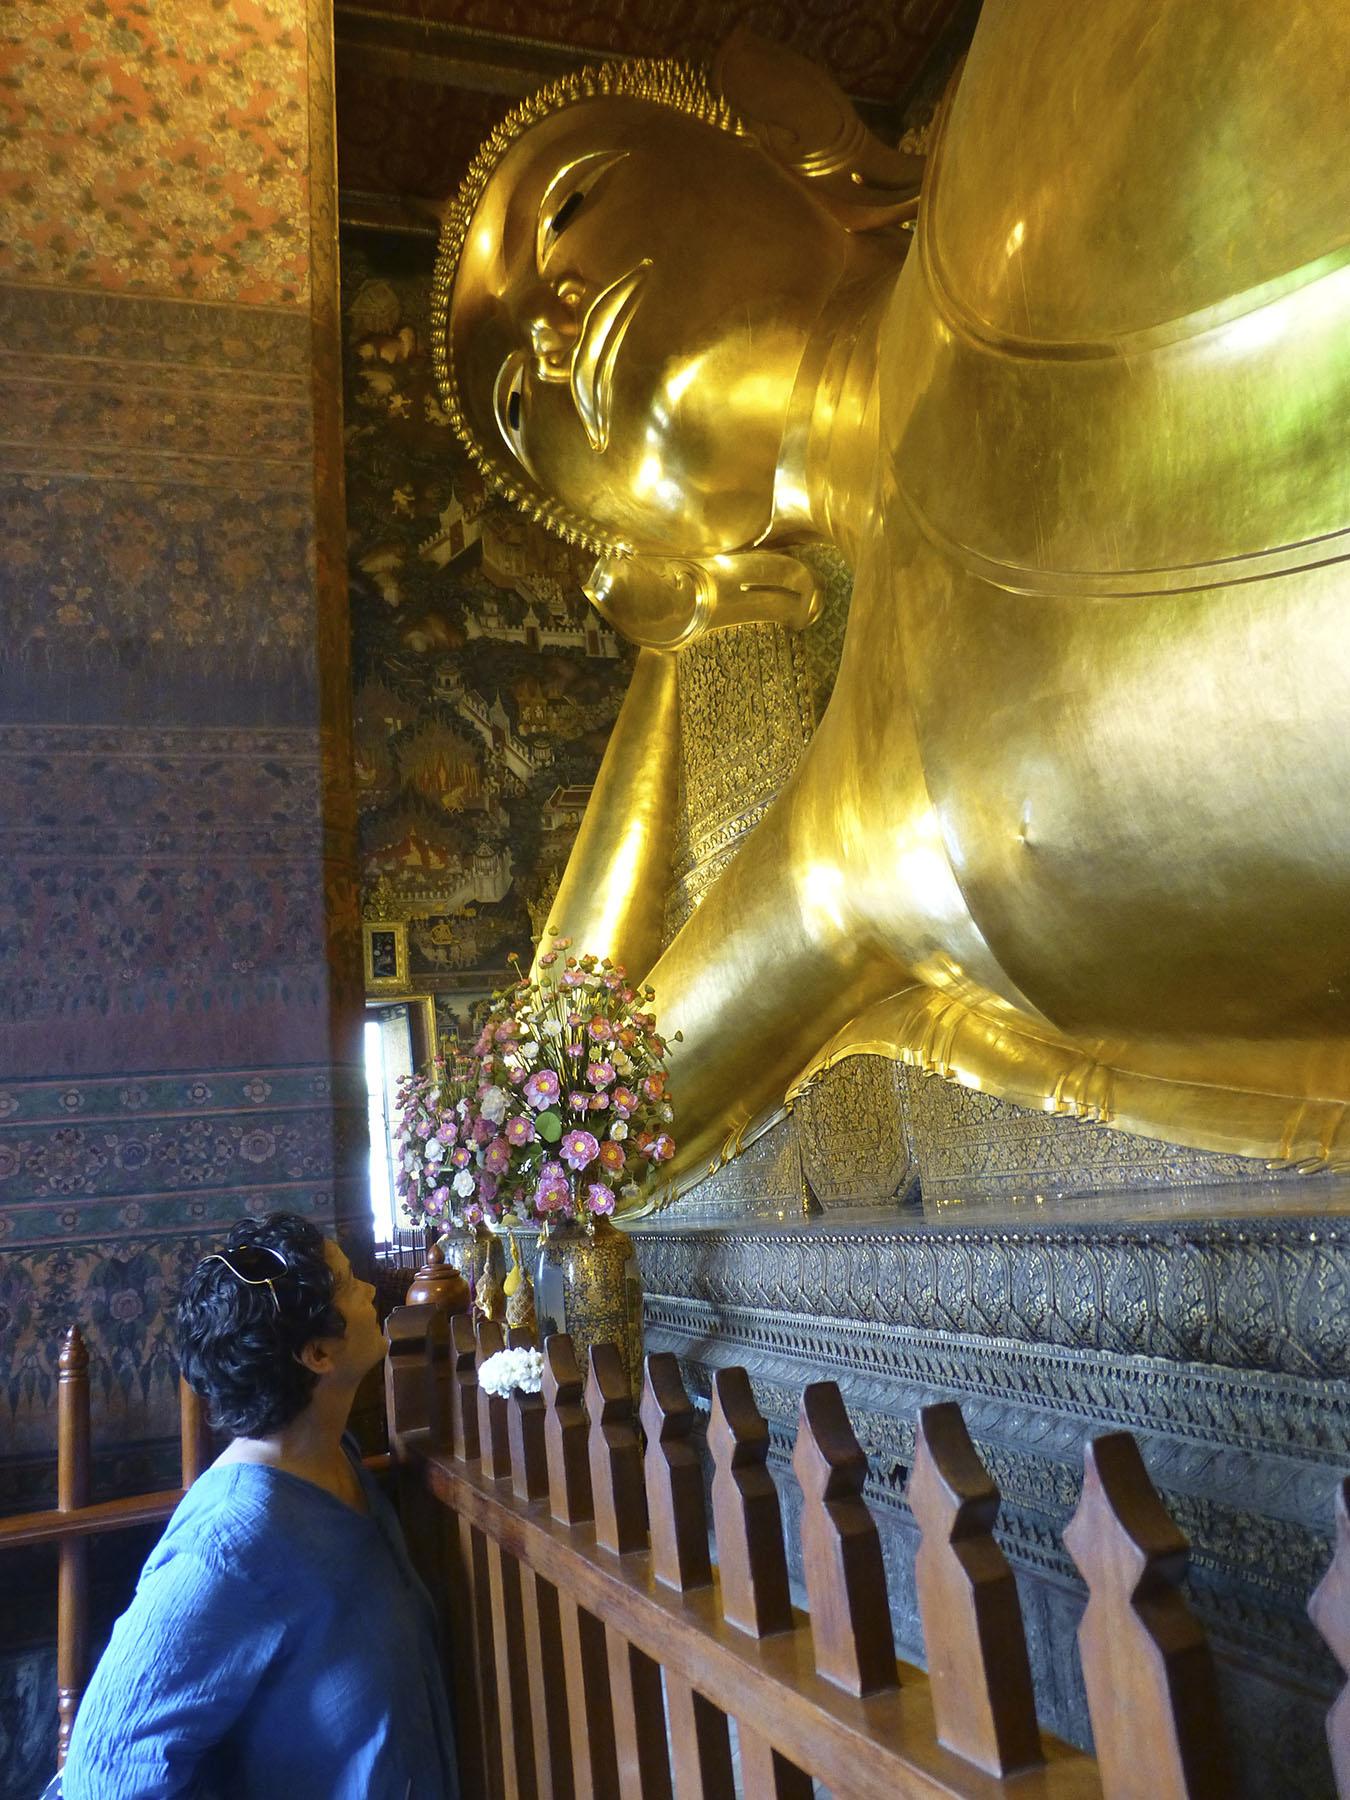 Recumbent Buddha